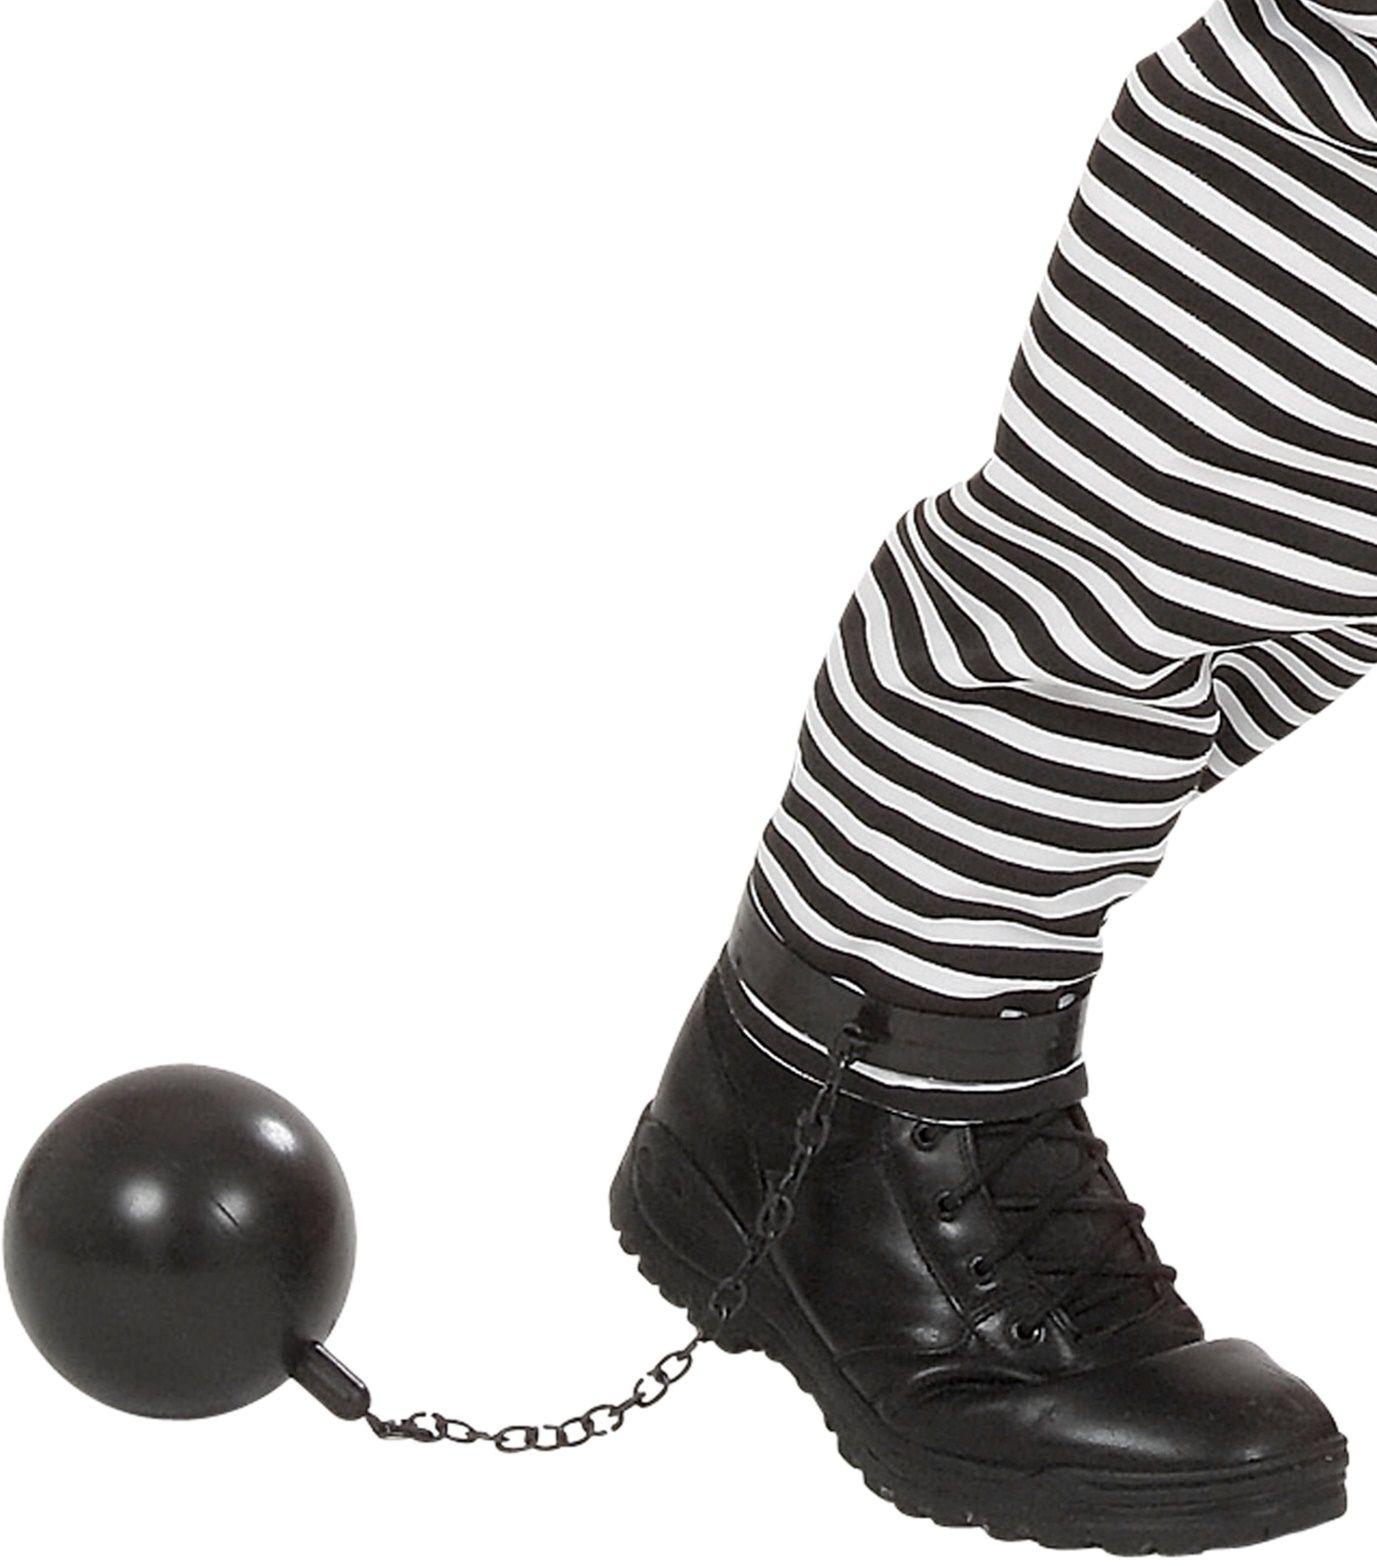 Zwarte Gevangene Enkelbal met ketting